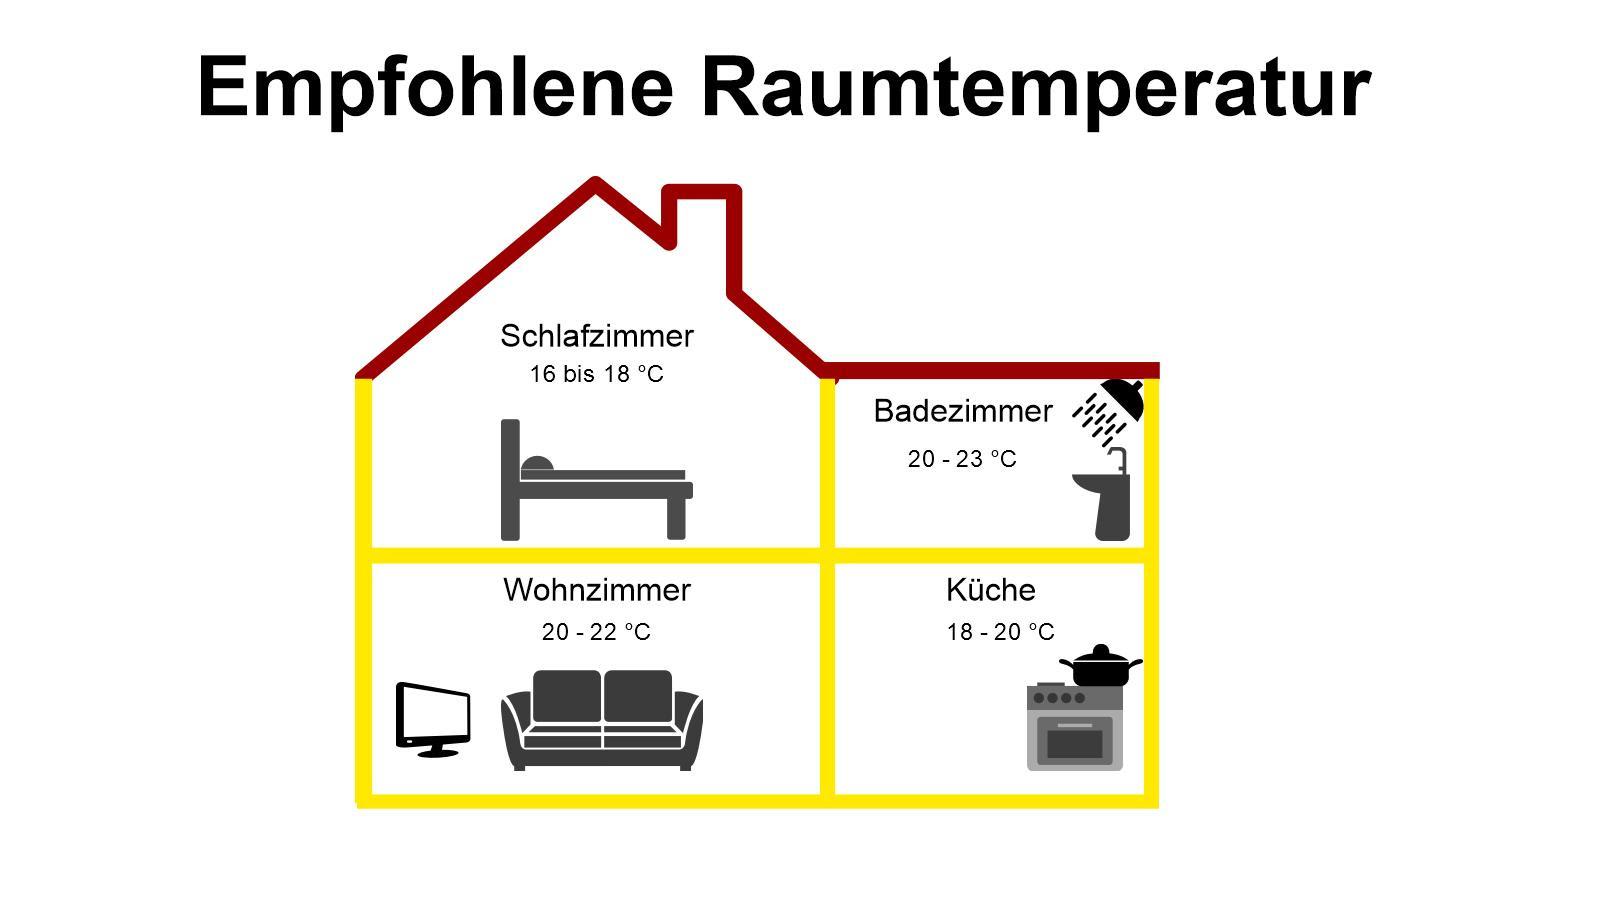 Raumtemperatur Schlafzimmer